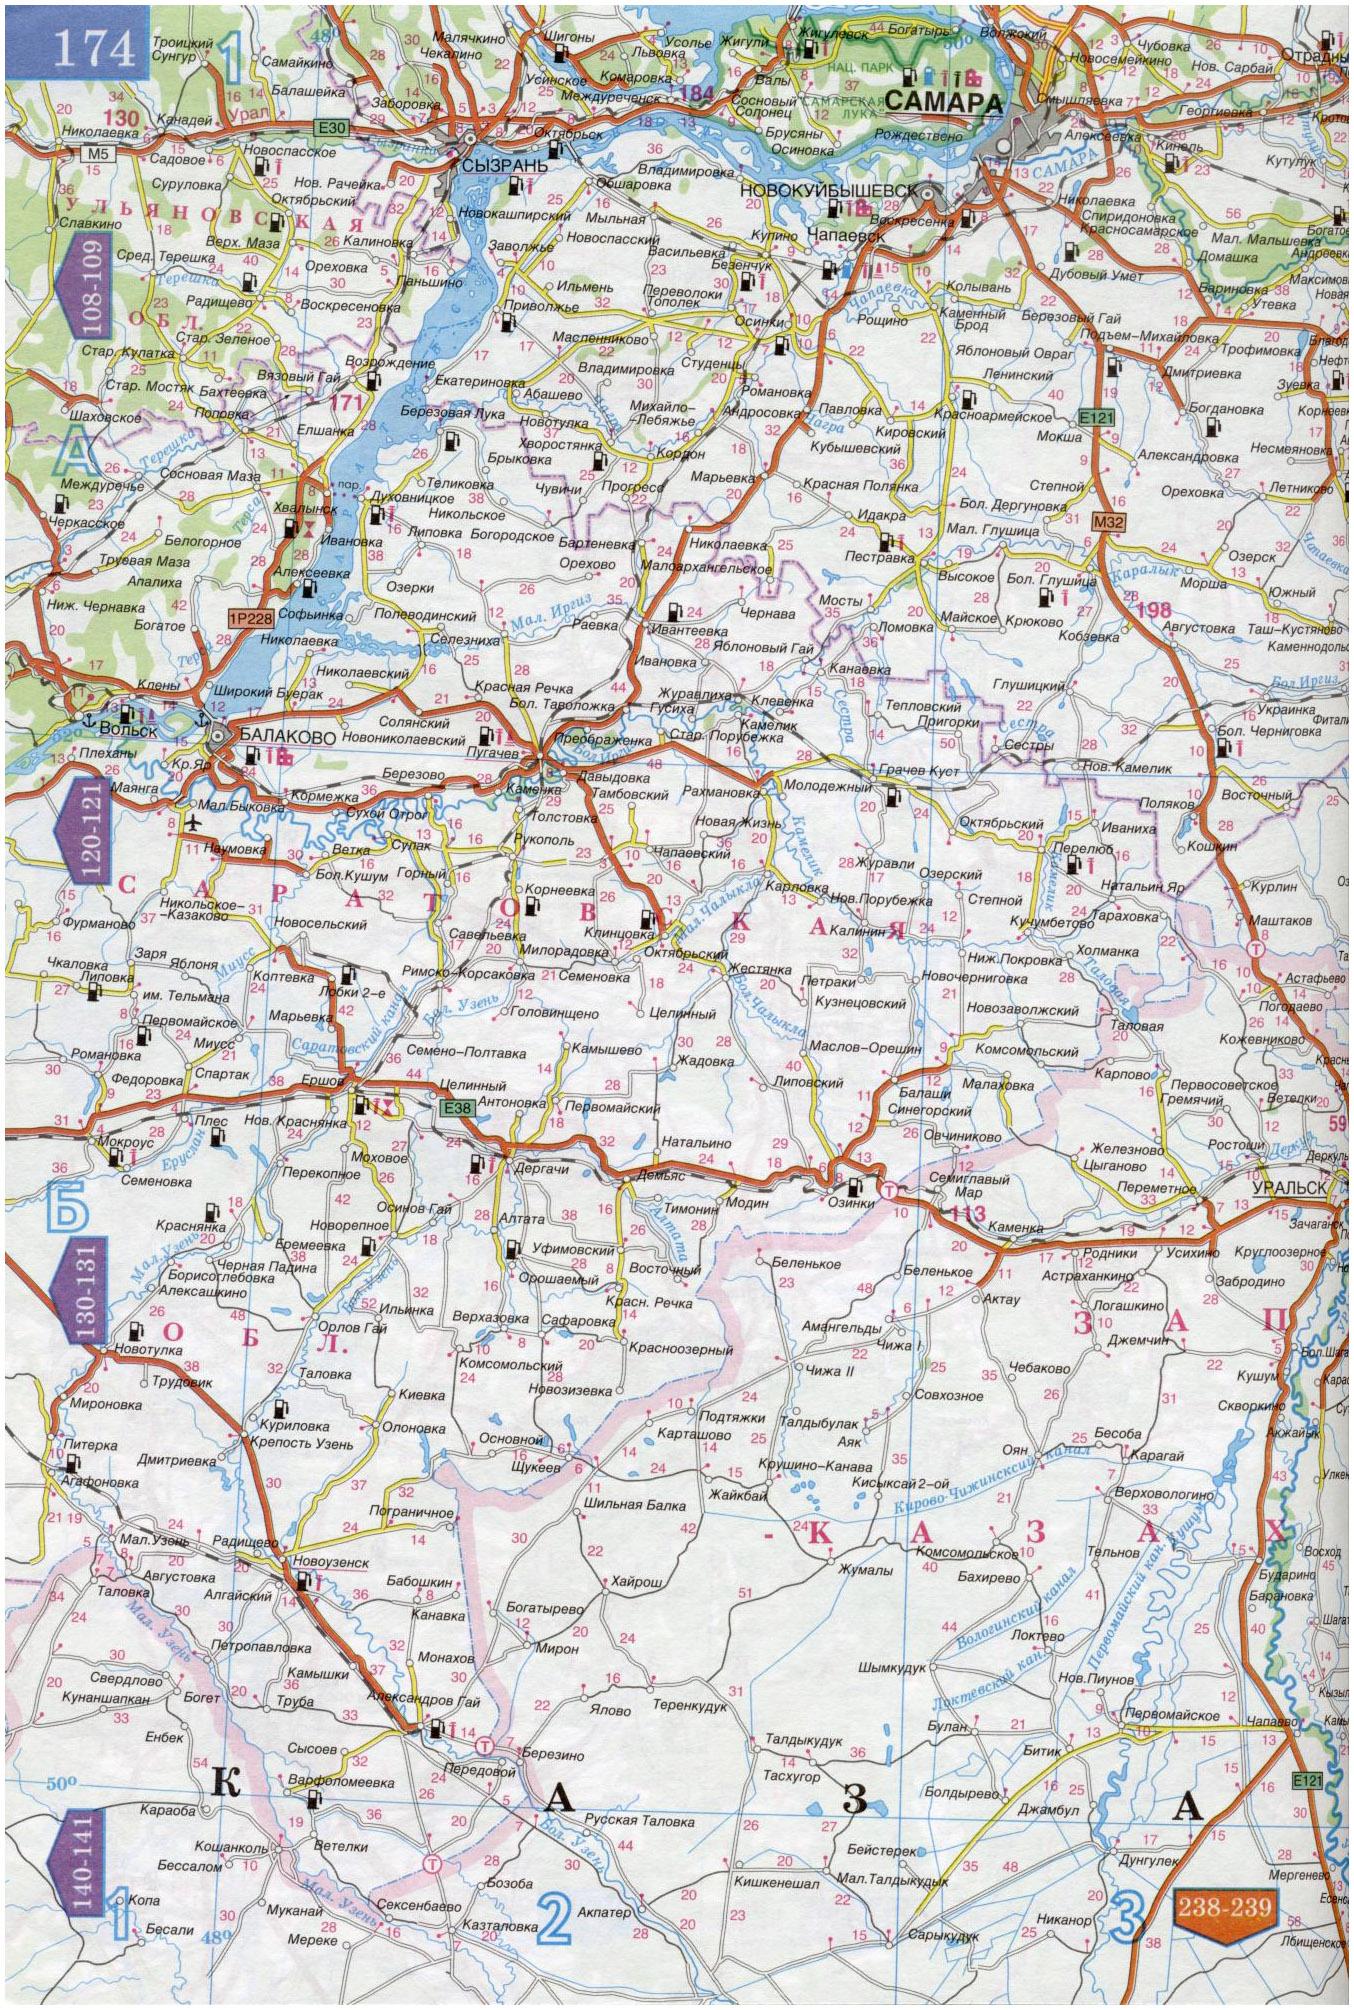 Garmin road of russia 4.05 topo : scholoner